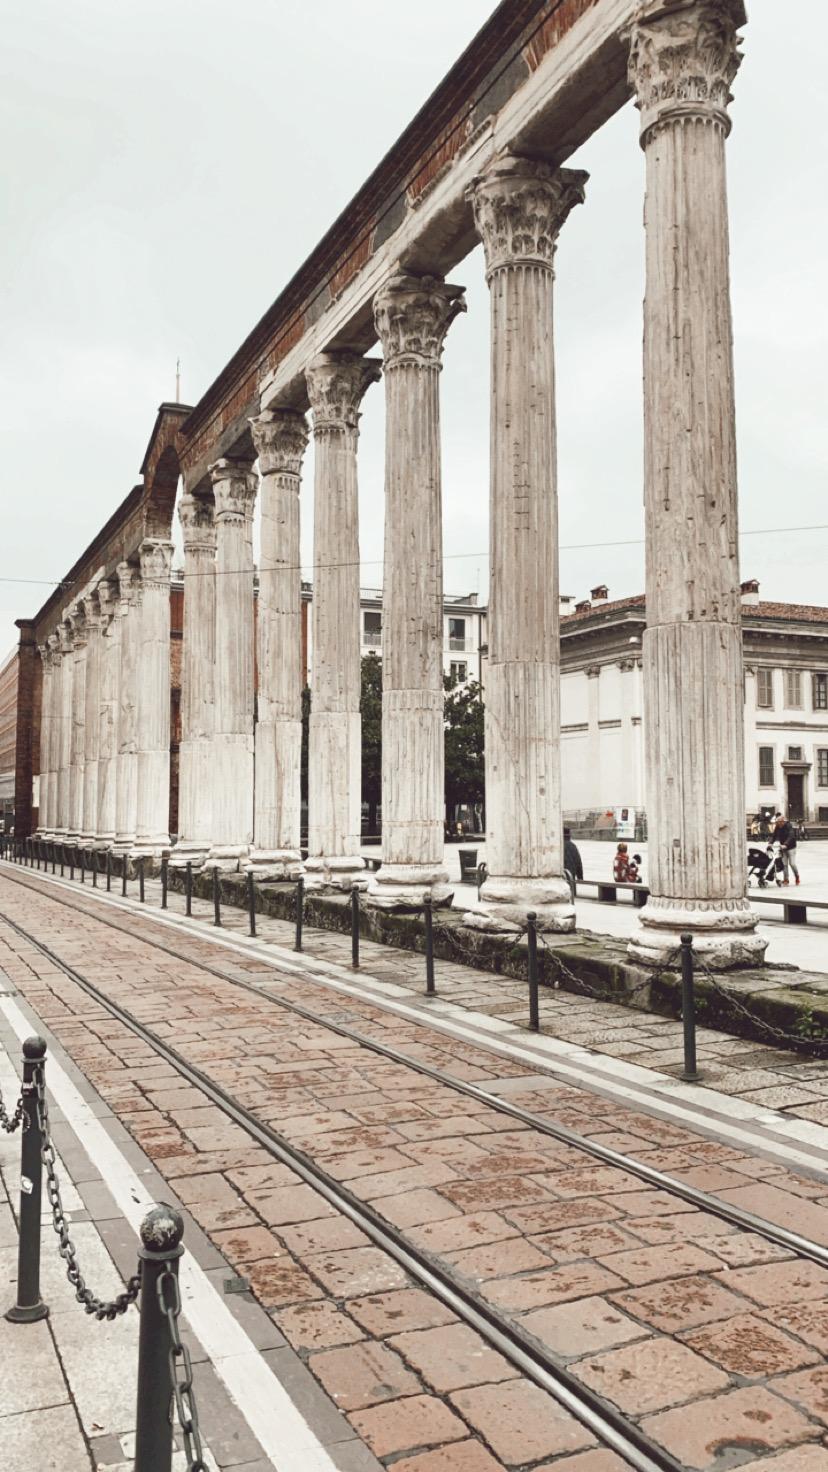 Columnas de la ciudad de Mediolanum, Milán